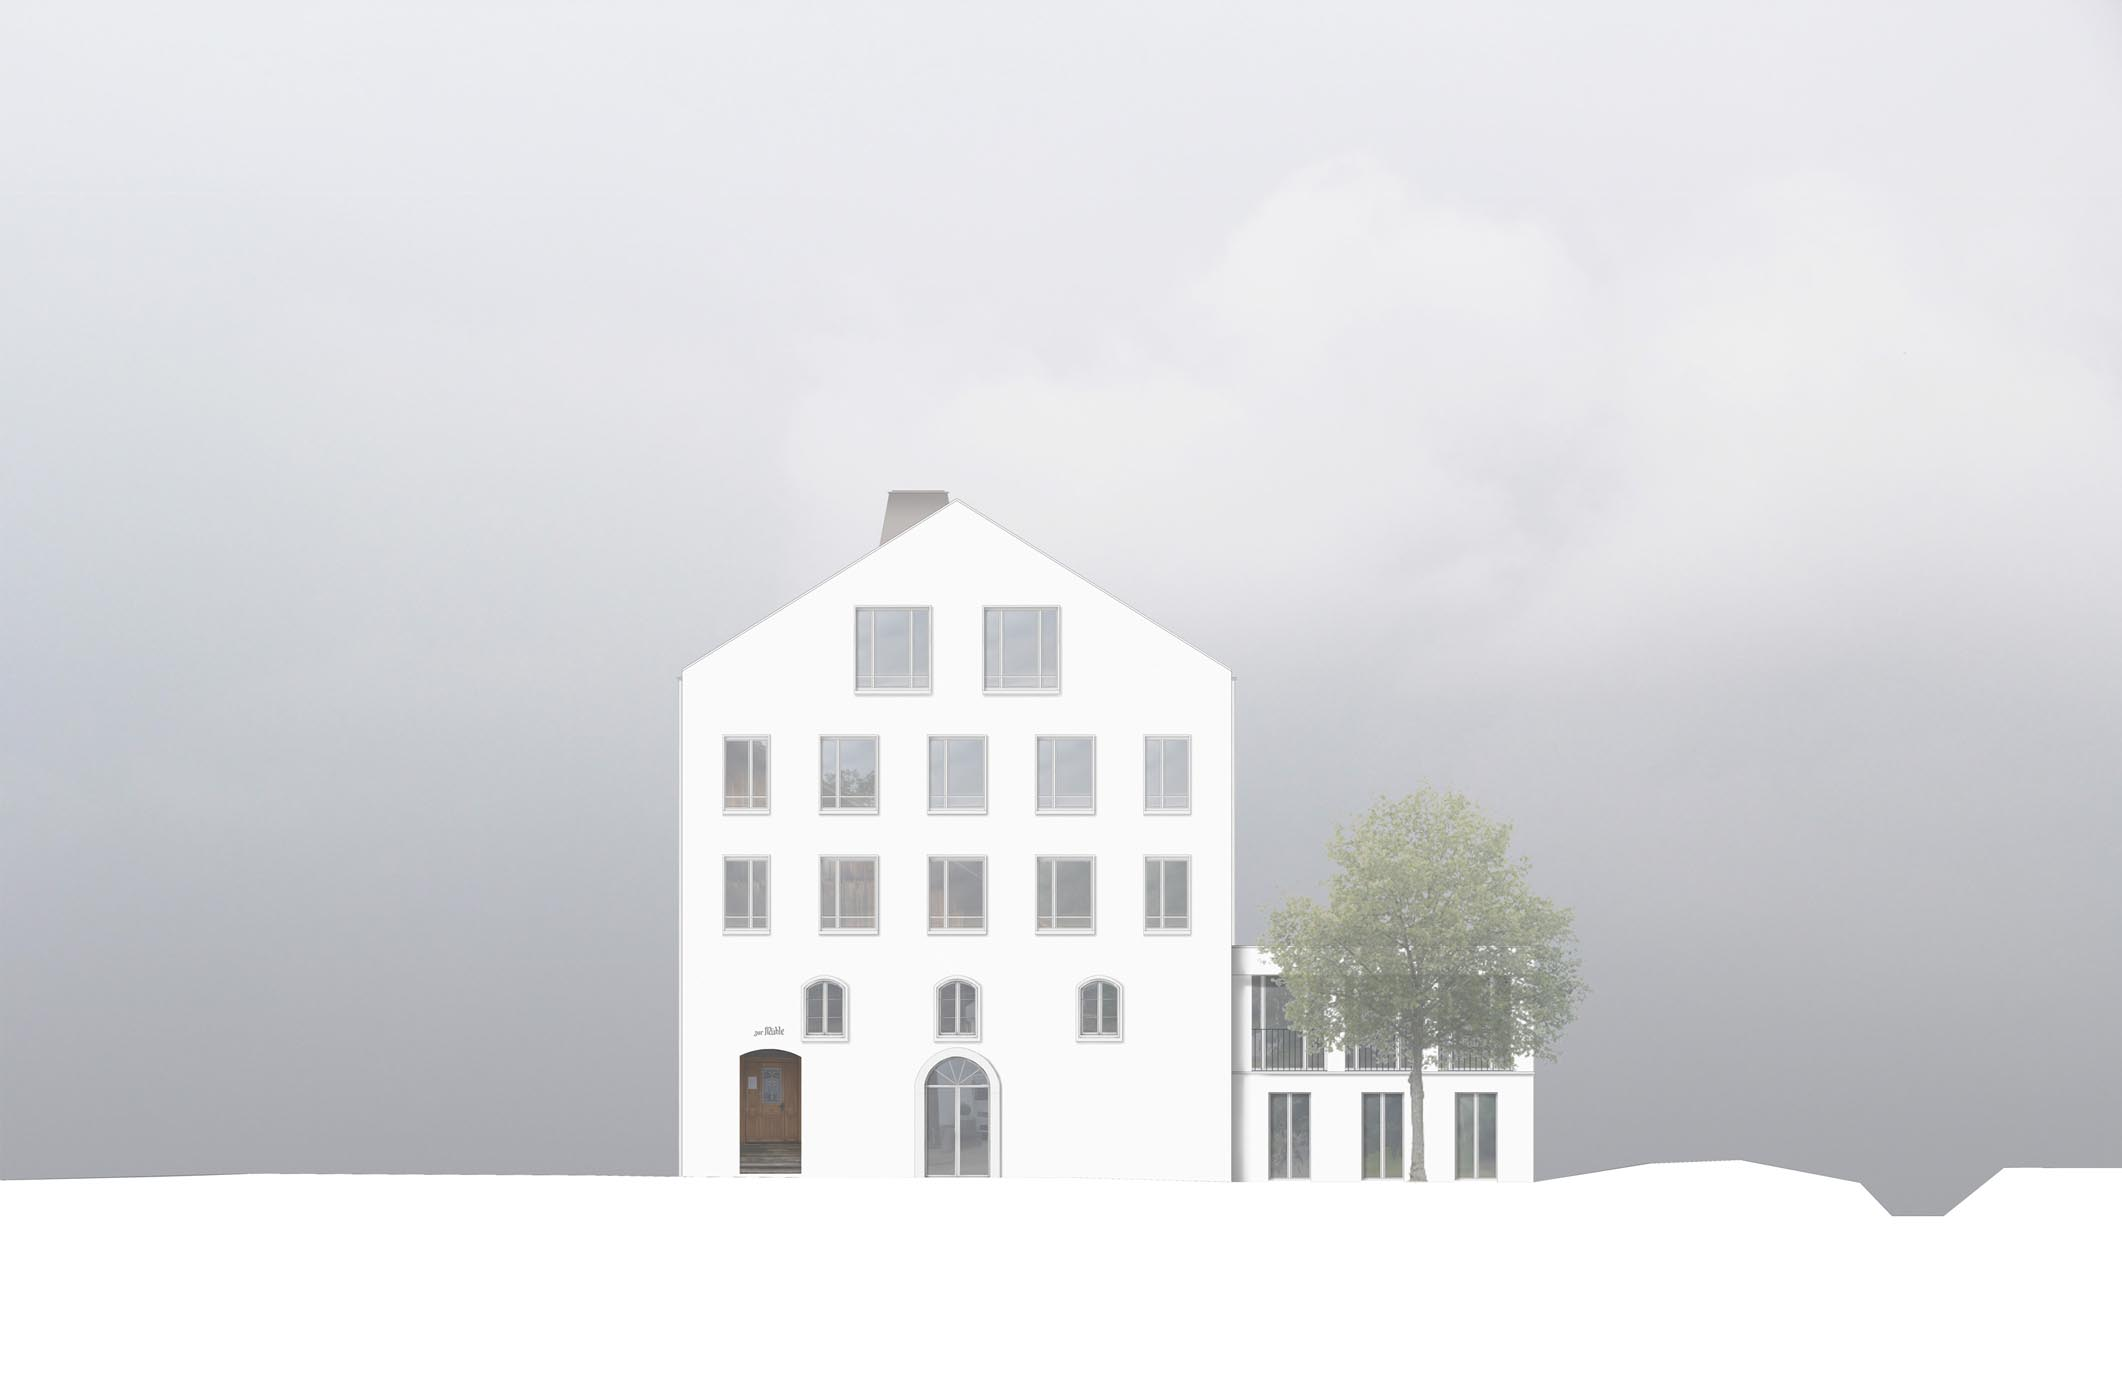 Zur Mühle Schaufassade STUDIO CORNEL STAEHELI